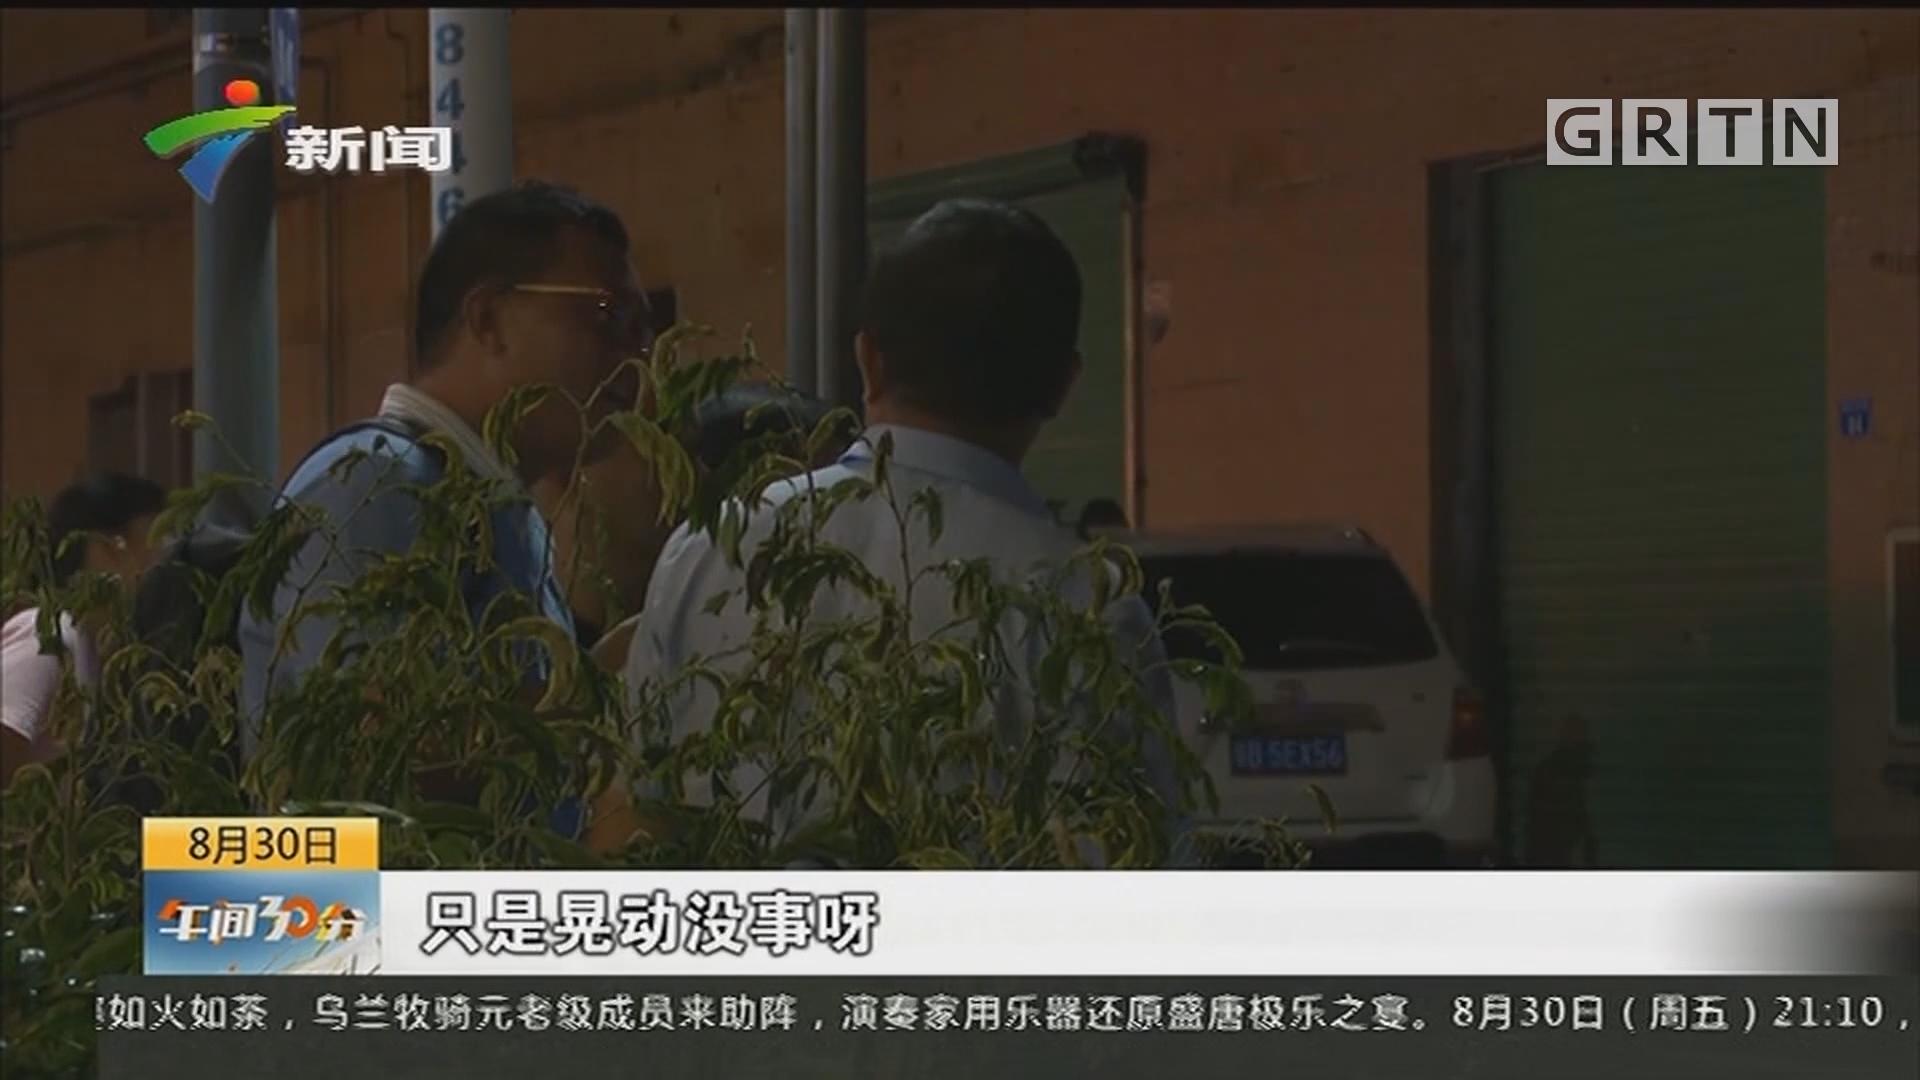 深圳塌楼事件追踪:500米内又现楼宇晃动 楼内群众被紧急转移